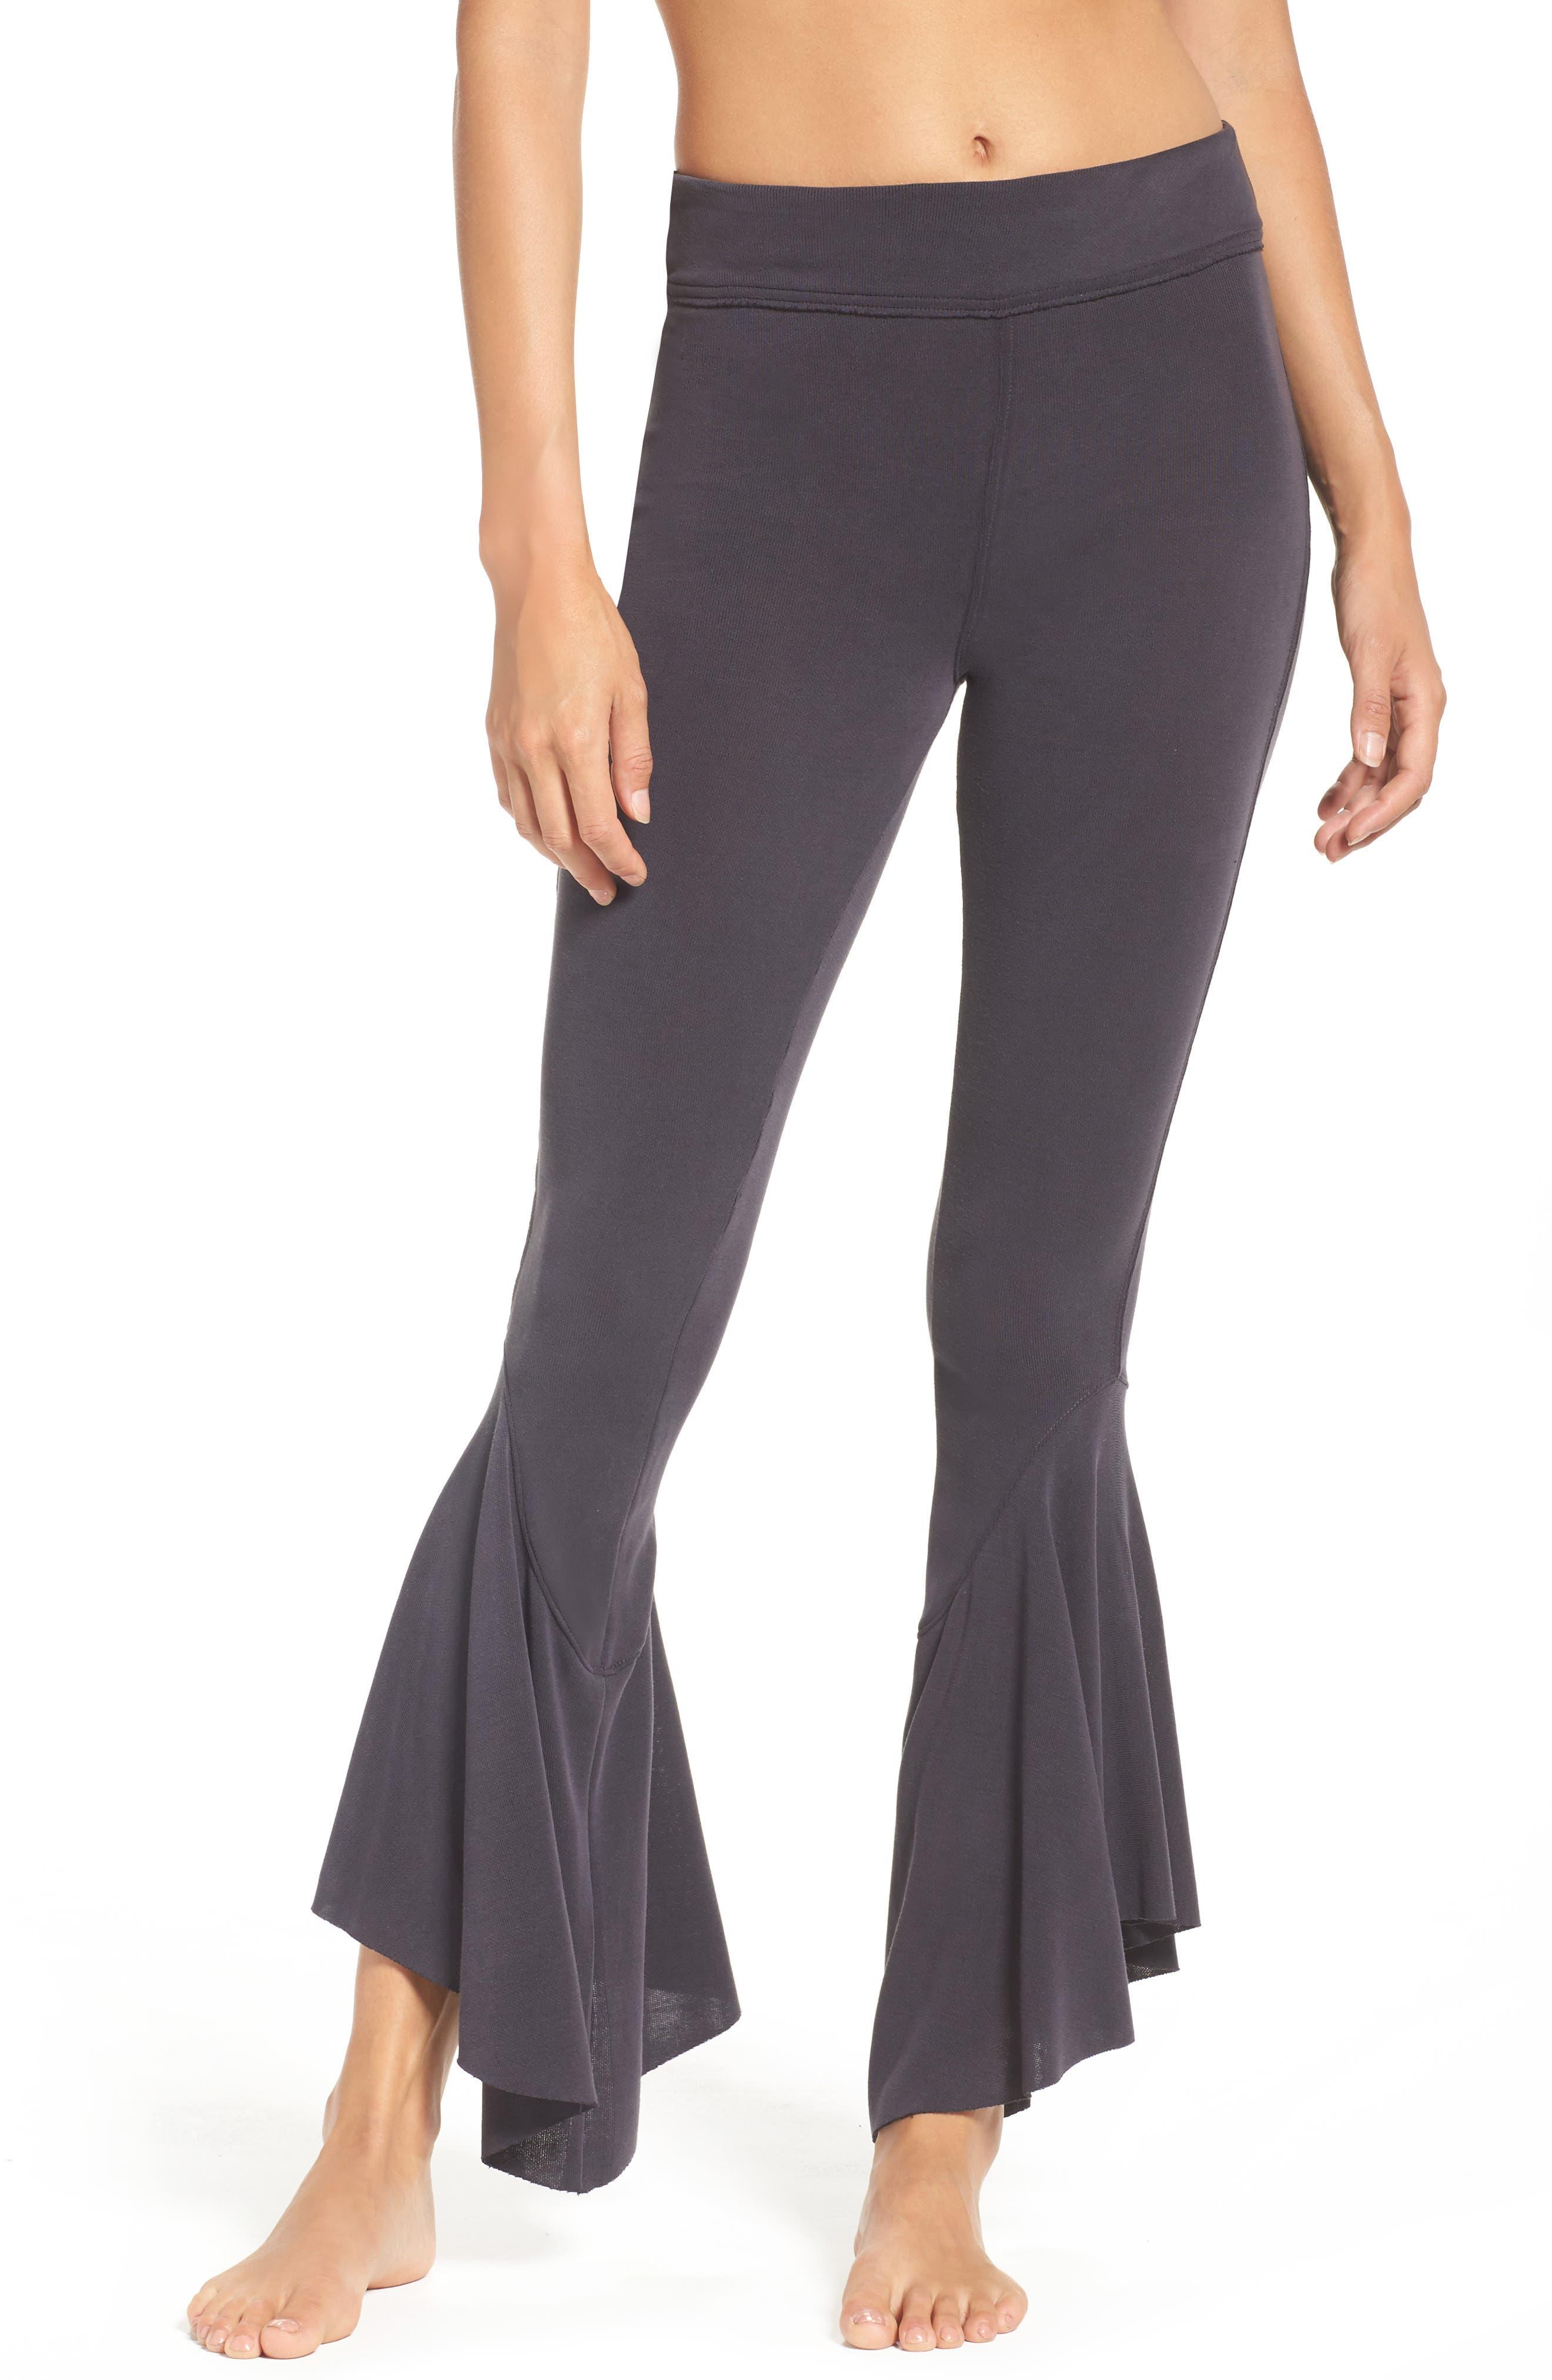 FP Movement Ebb & Flow Pants,                         Main,                         color, 001